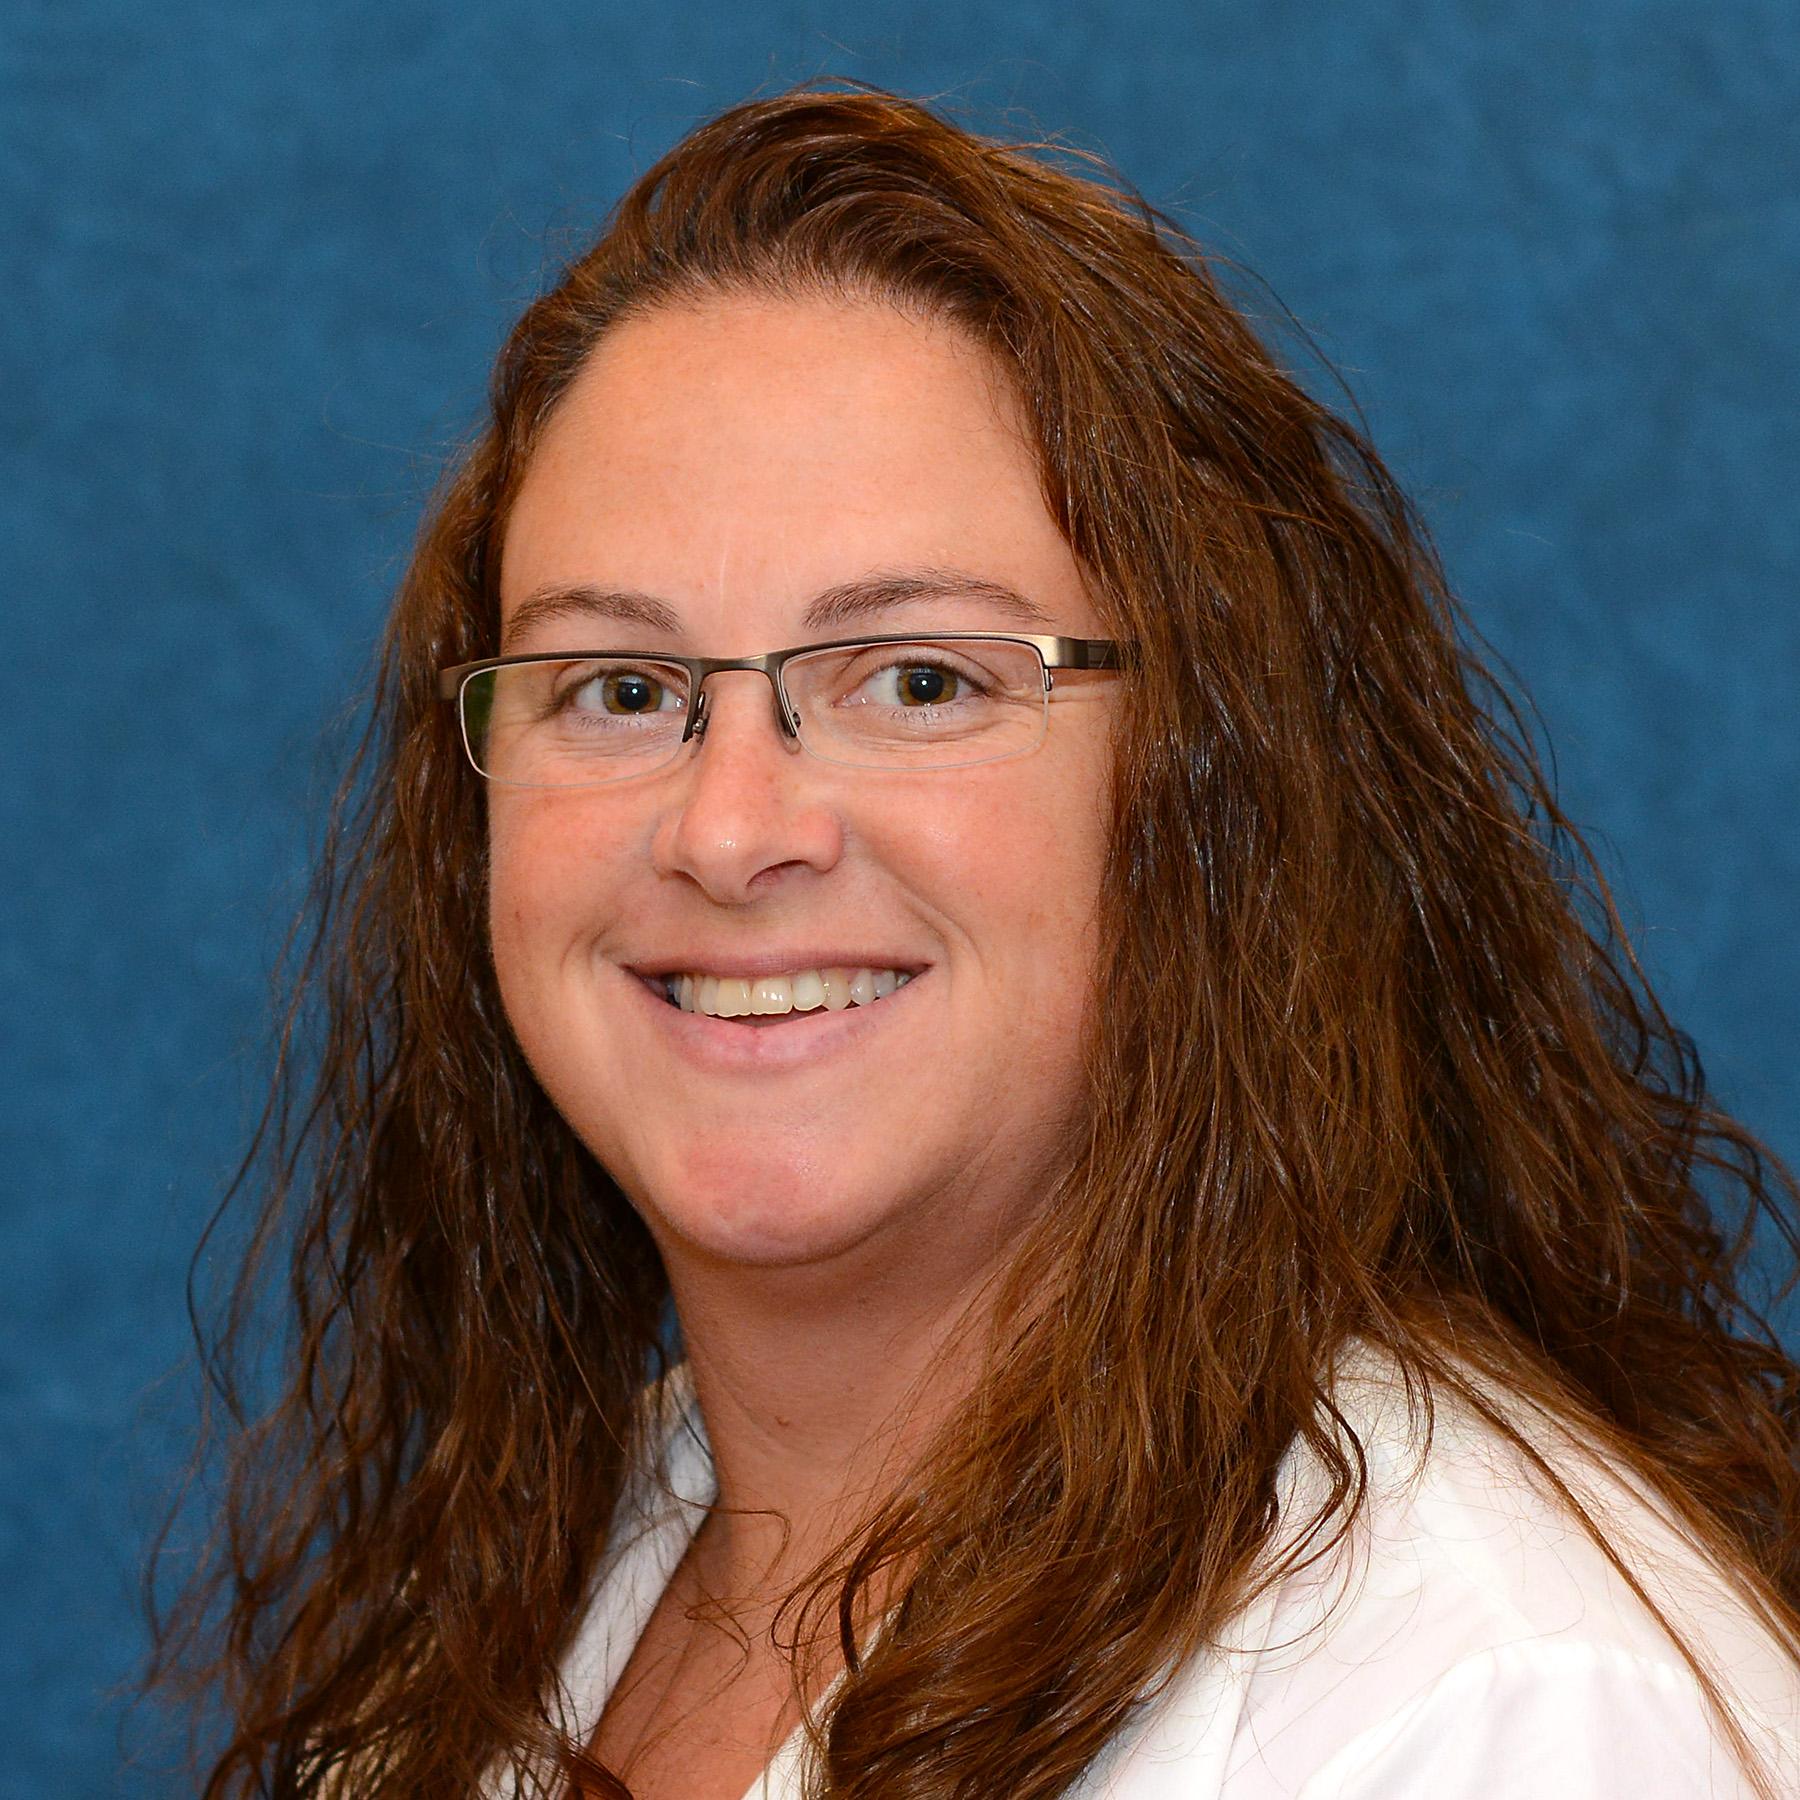 Deanna Carr-West